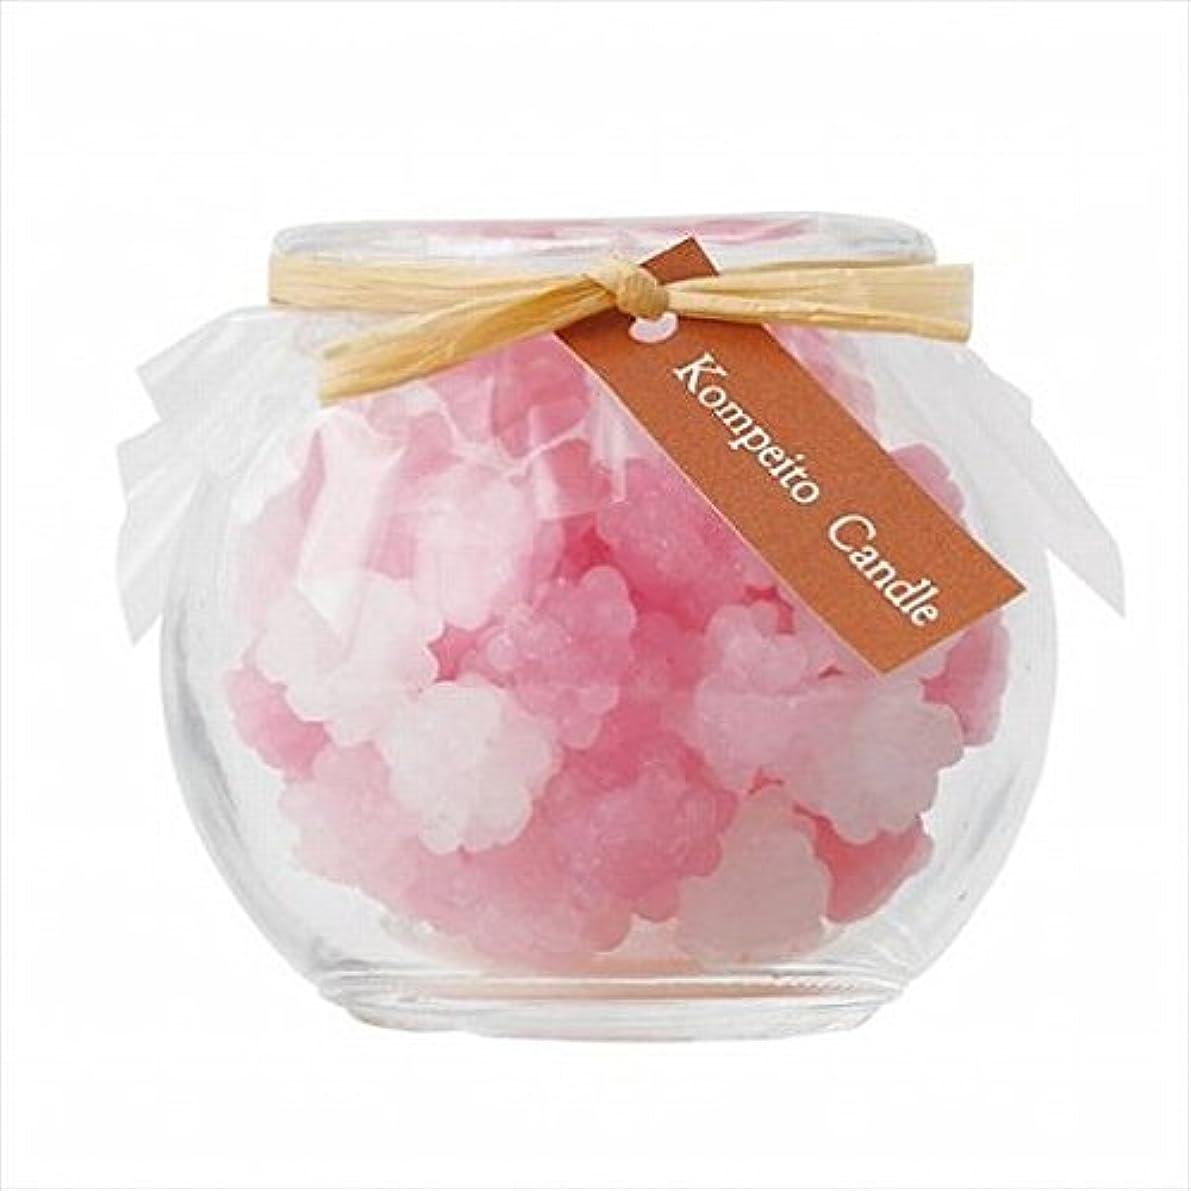 ハミングバード鷹無能sweets candle(スイーツキャンドル) こんぺいとう 「 ピンク 」 キャンドル 65x65x58mm (A6500000PK)